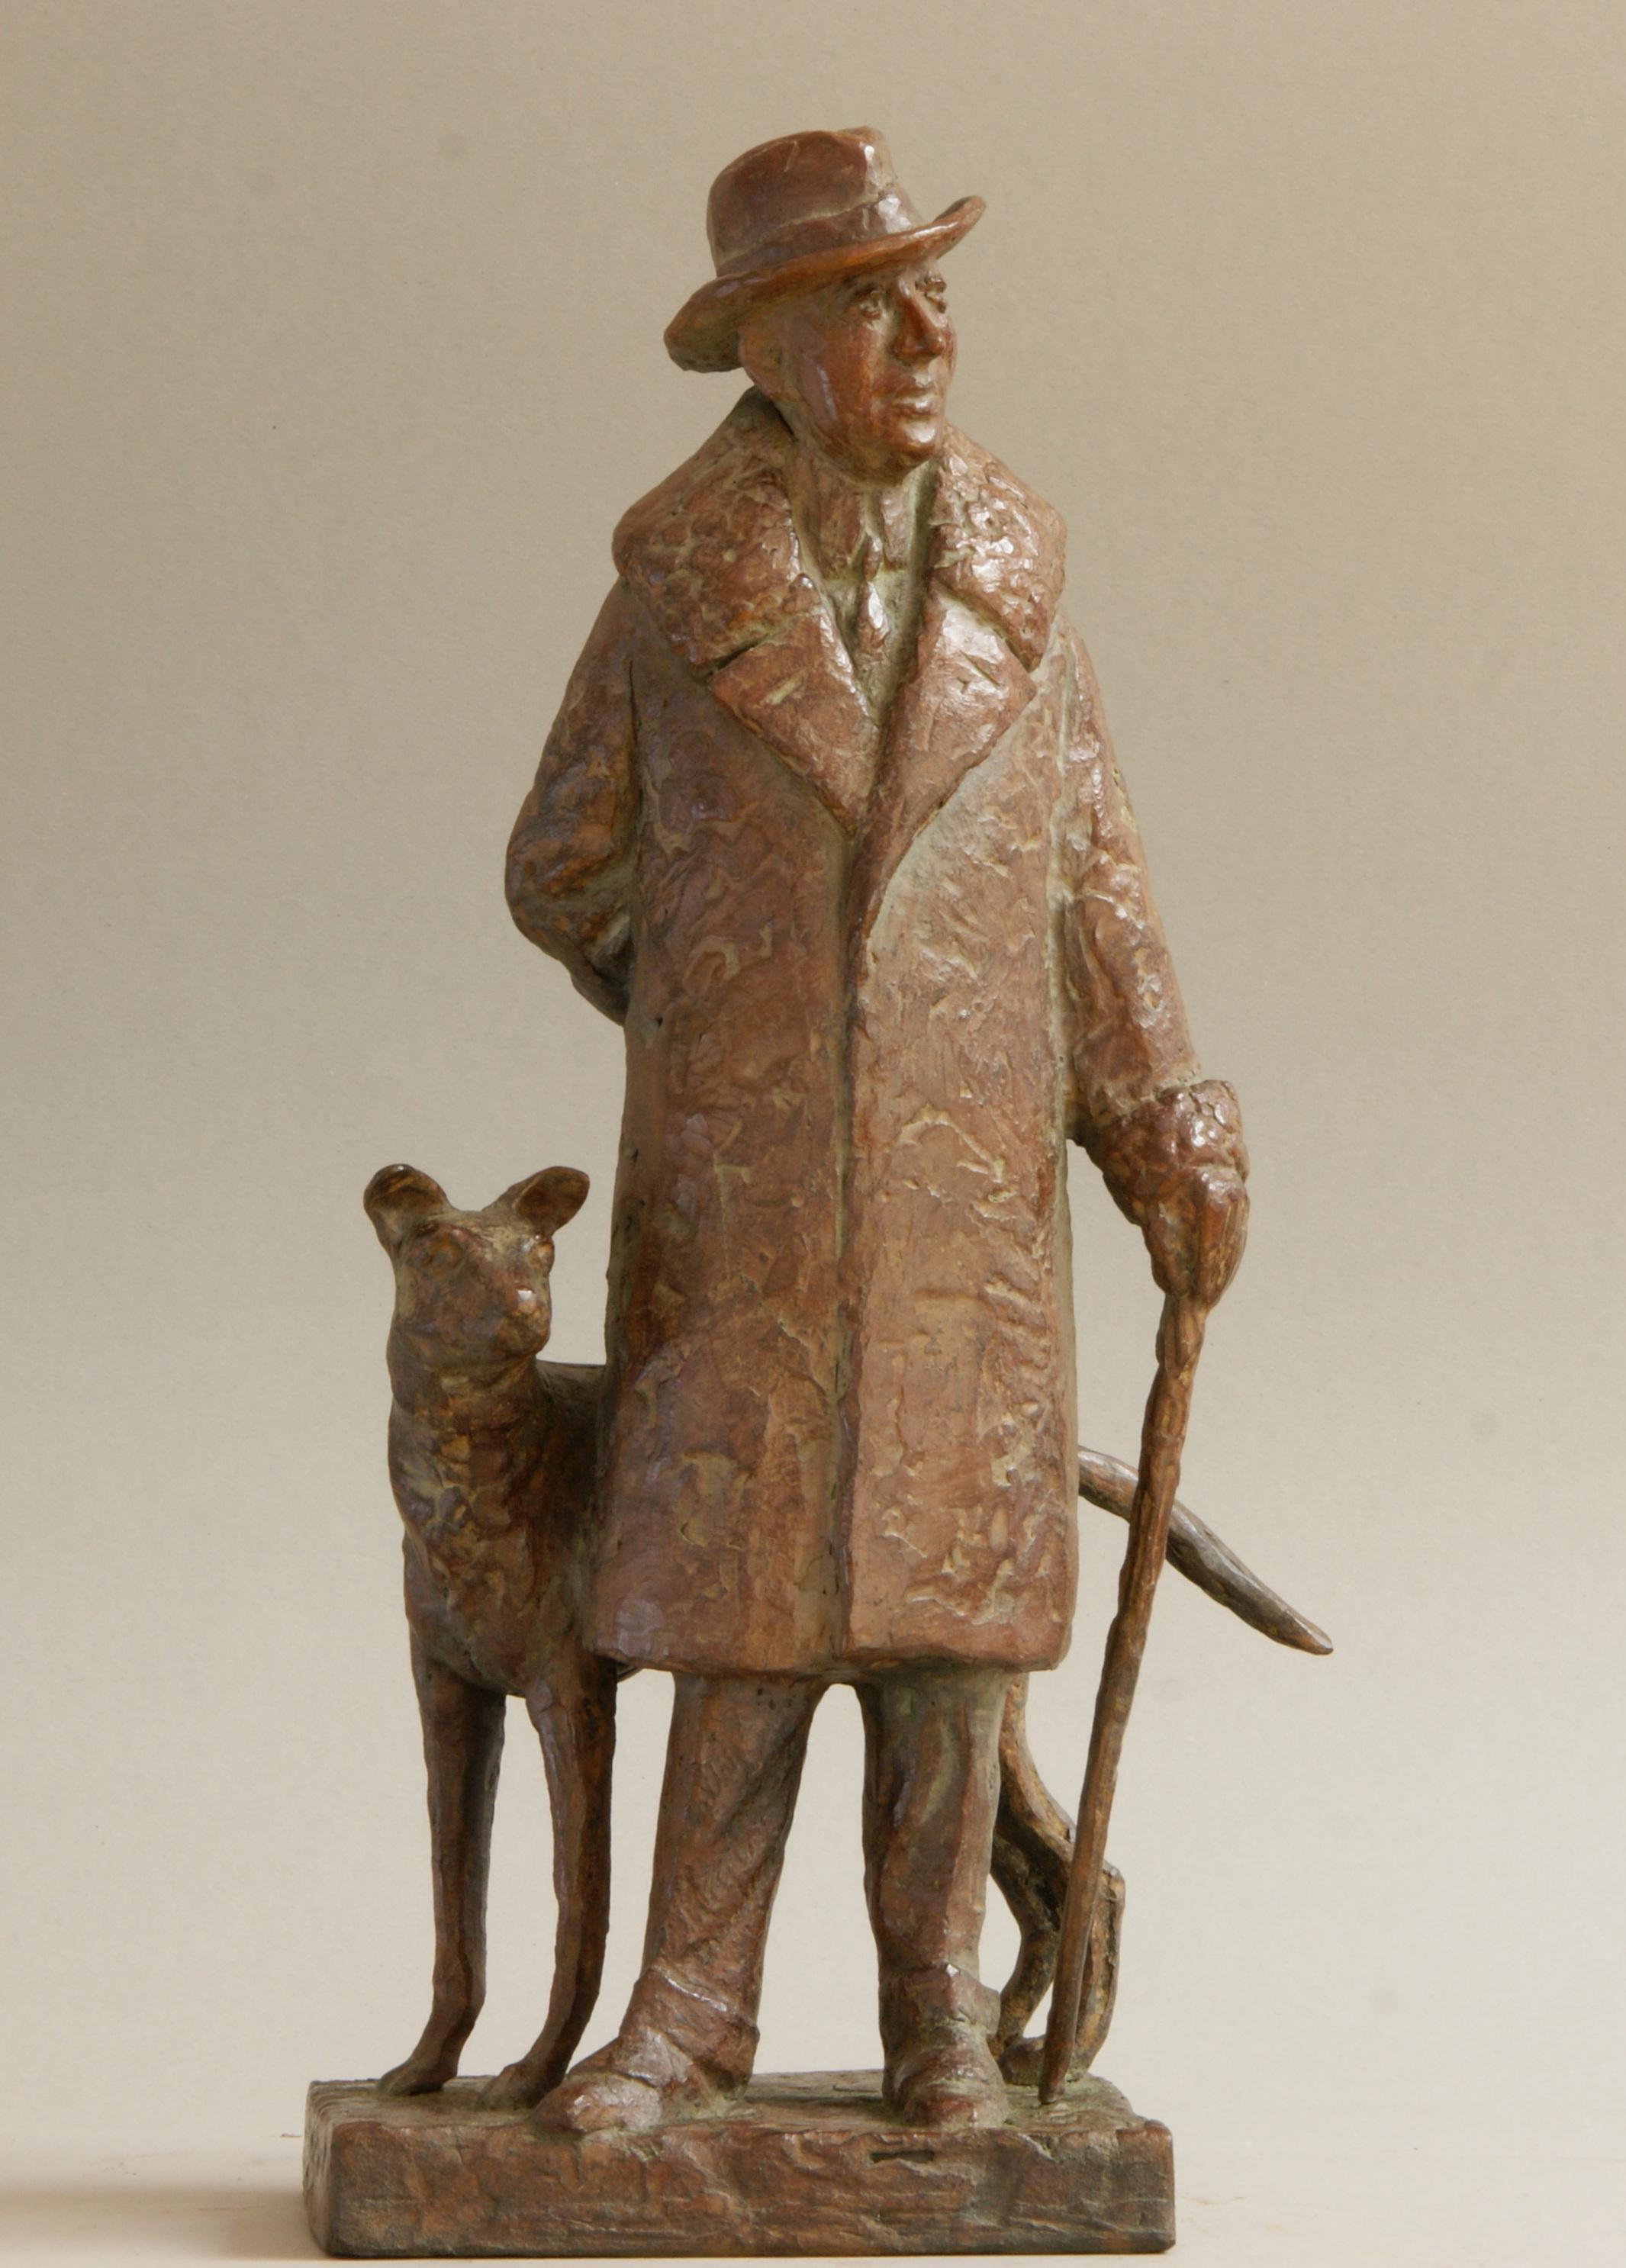 Schetsmodel voor groot uit te voeren beeld van Louis Couperus en zijn hond Brinio- Loek Bos